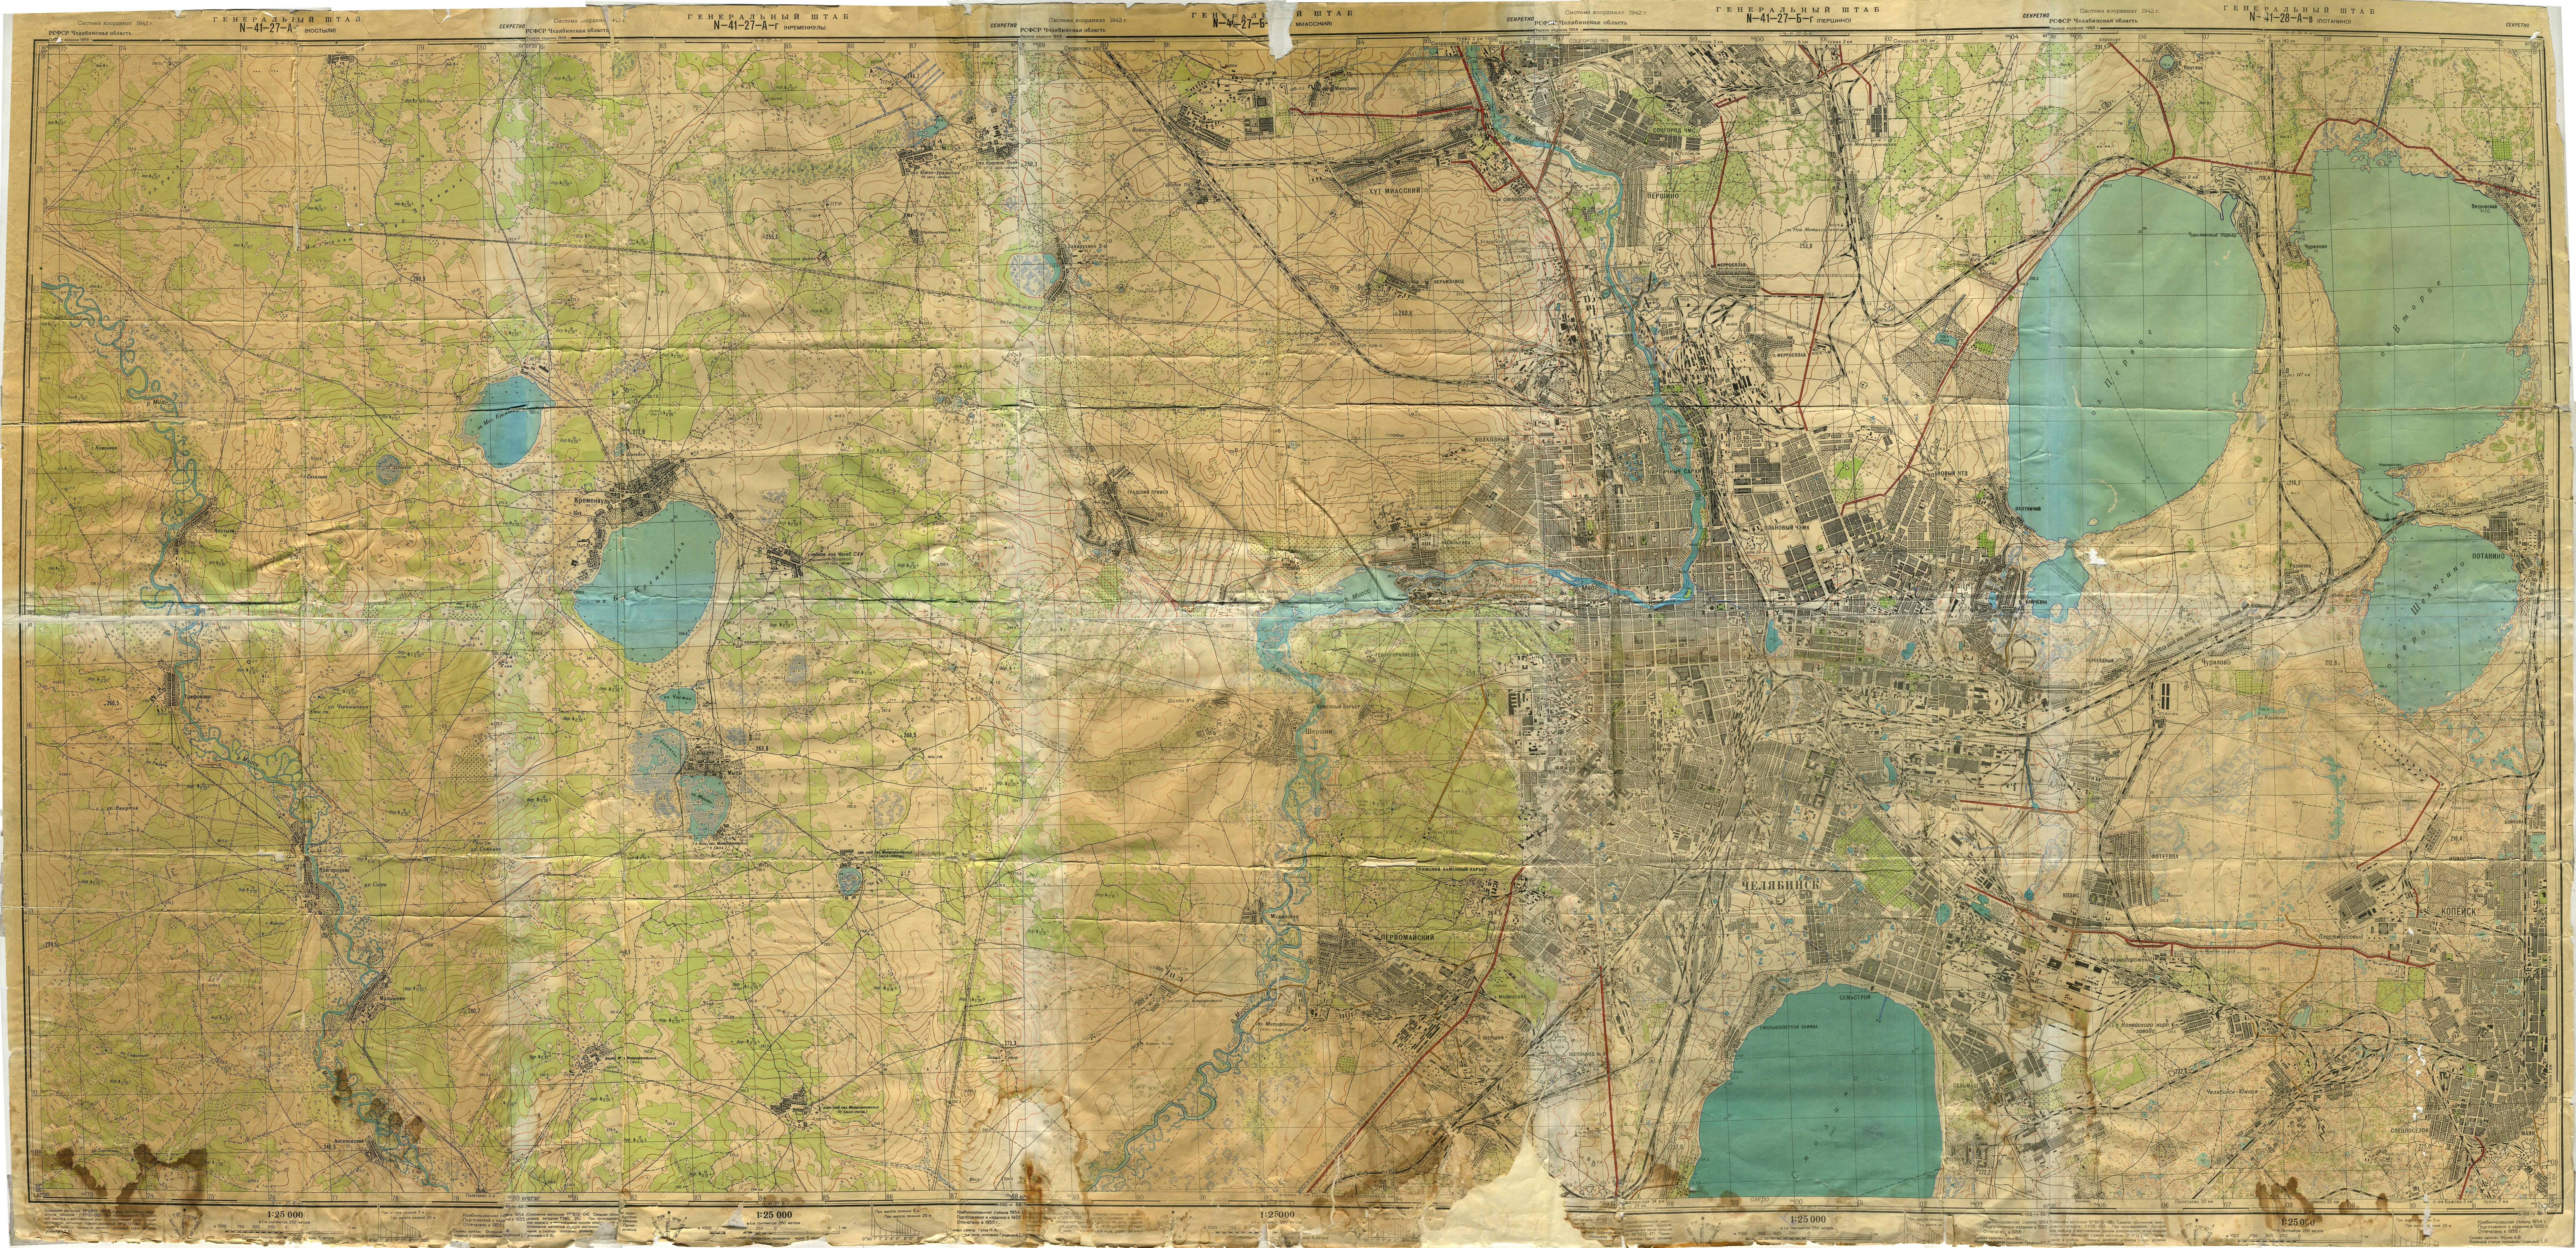 Карта Челябинска и окрестностей 1954–1956